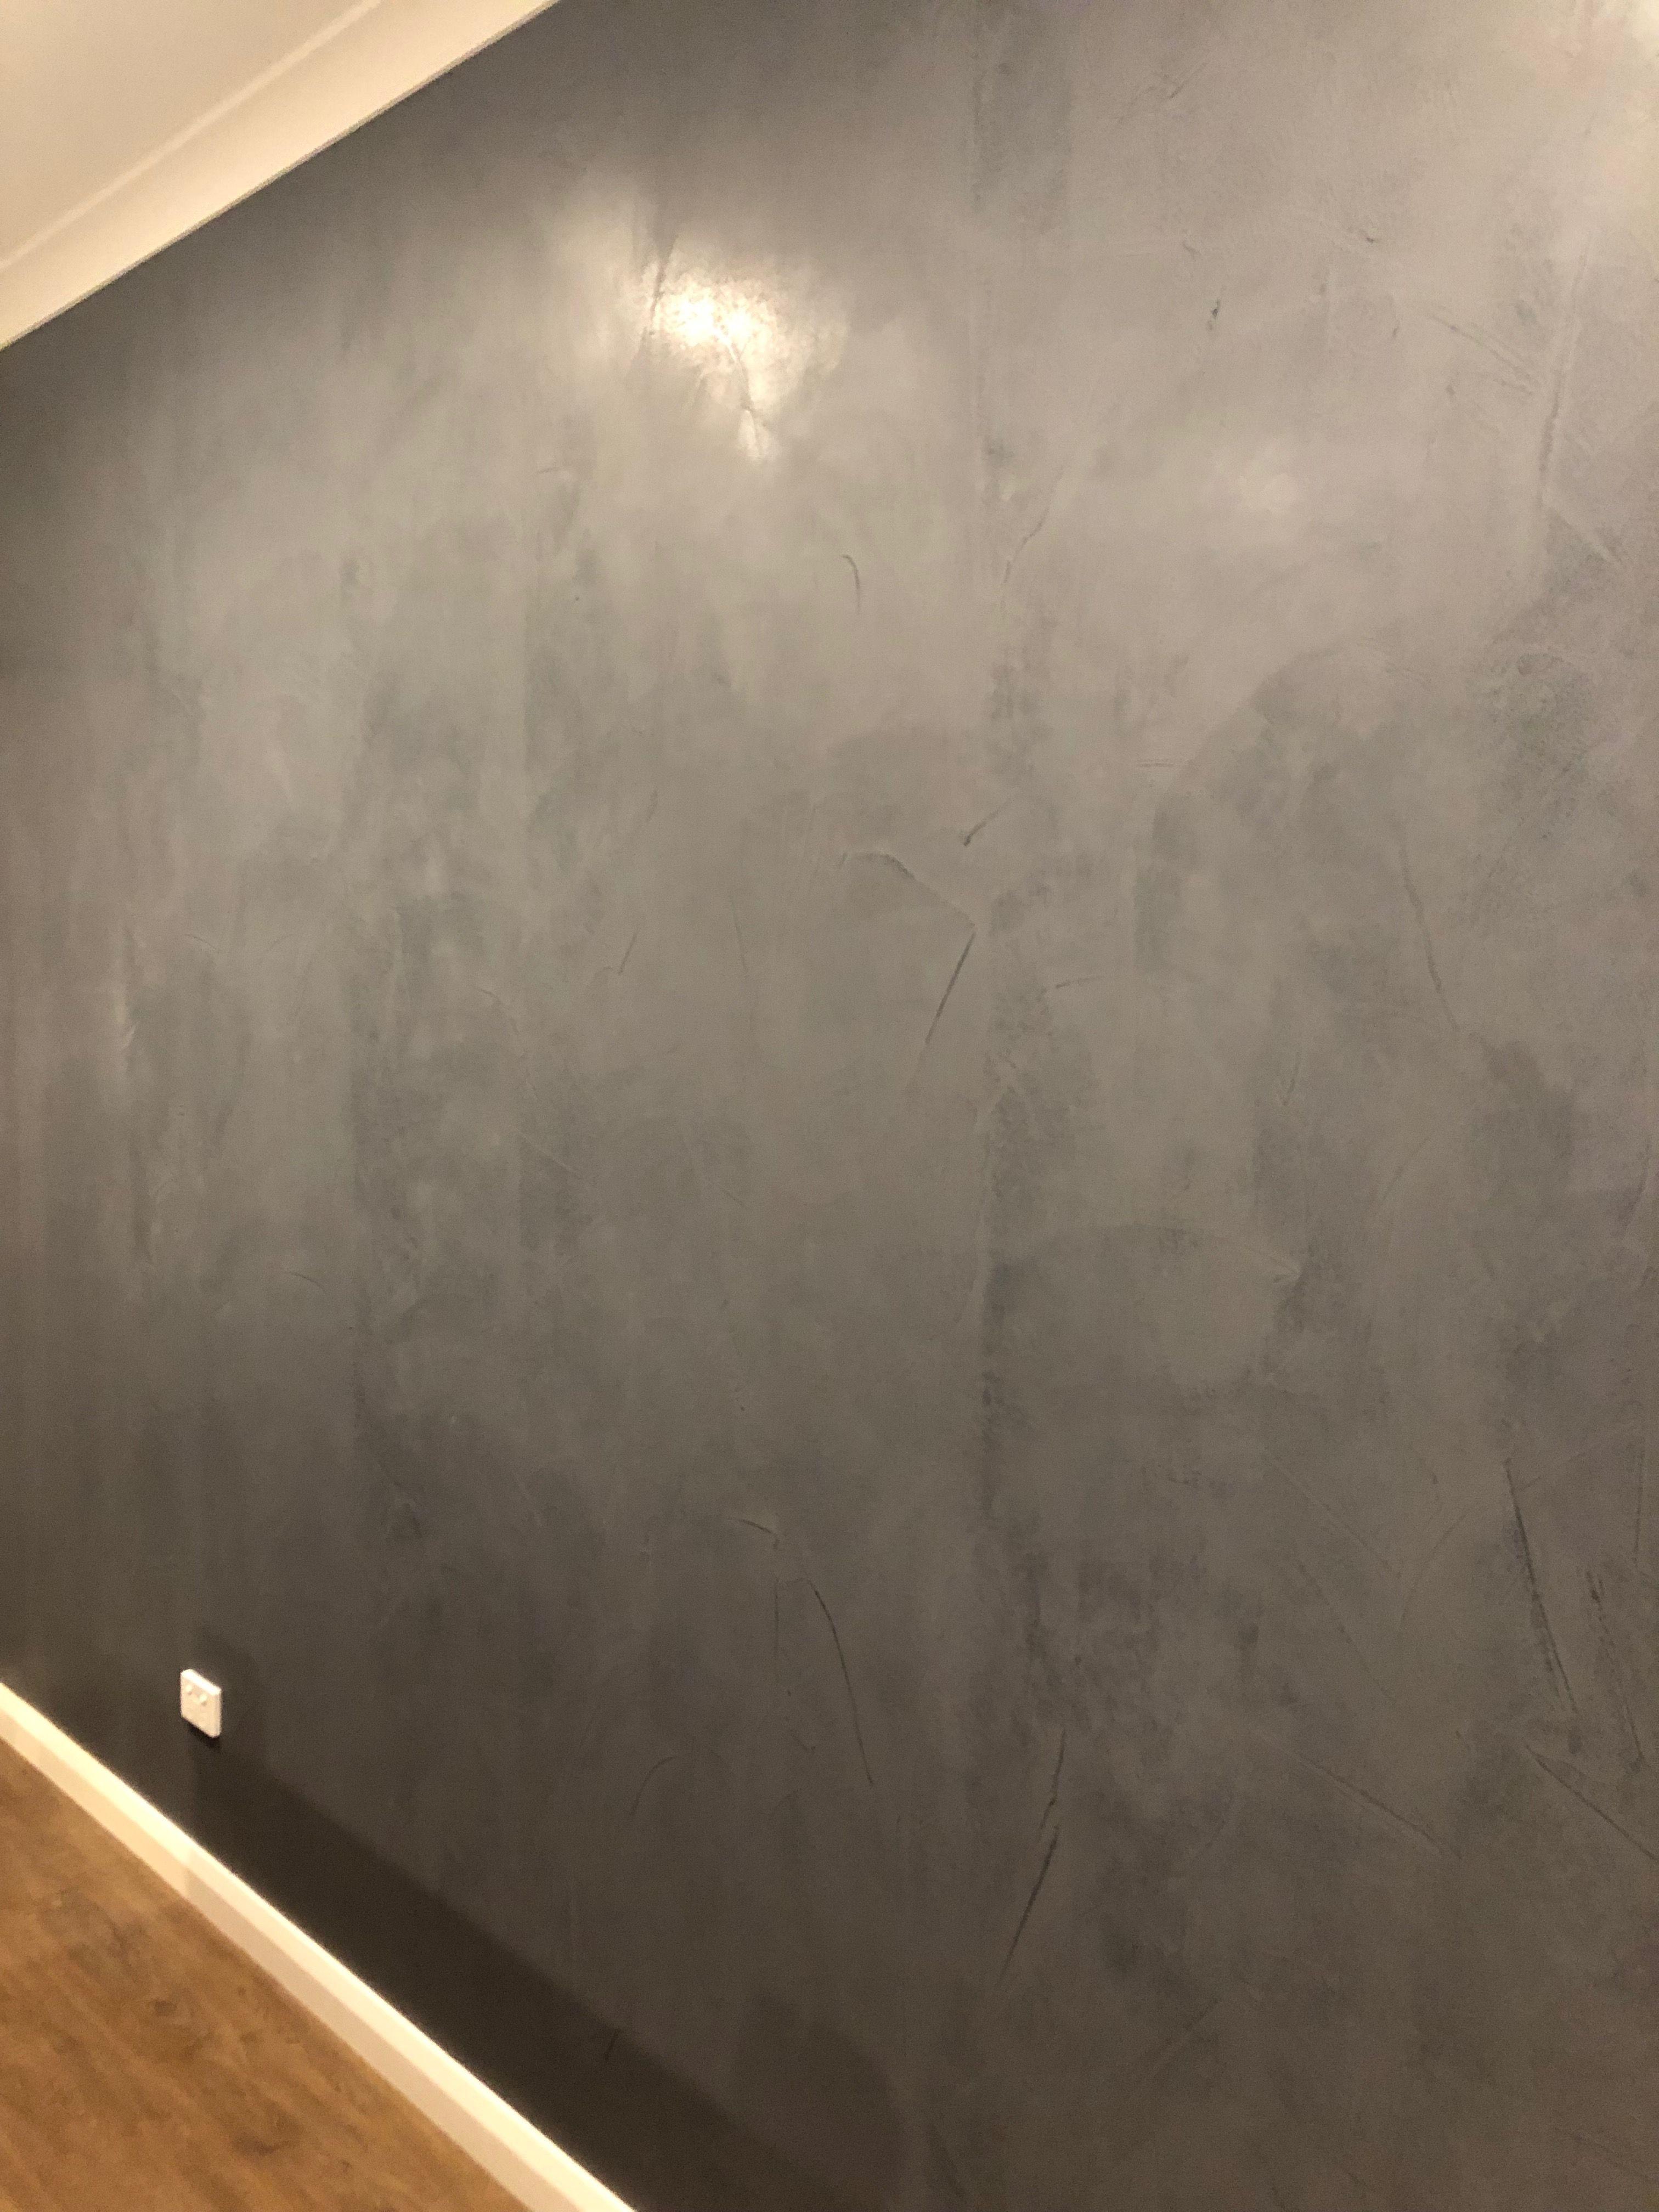 Dulux Concrete Effect Paint In Onyx Edge Concrete Wall Panels Concrete Effect Paint Concrete Wall Paint